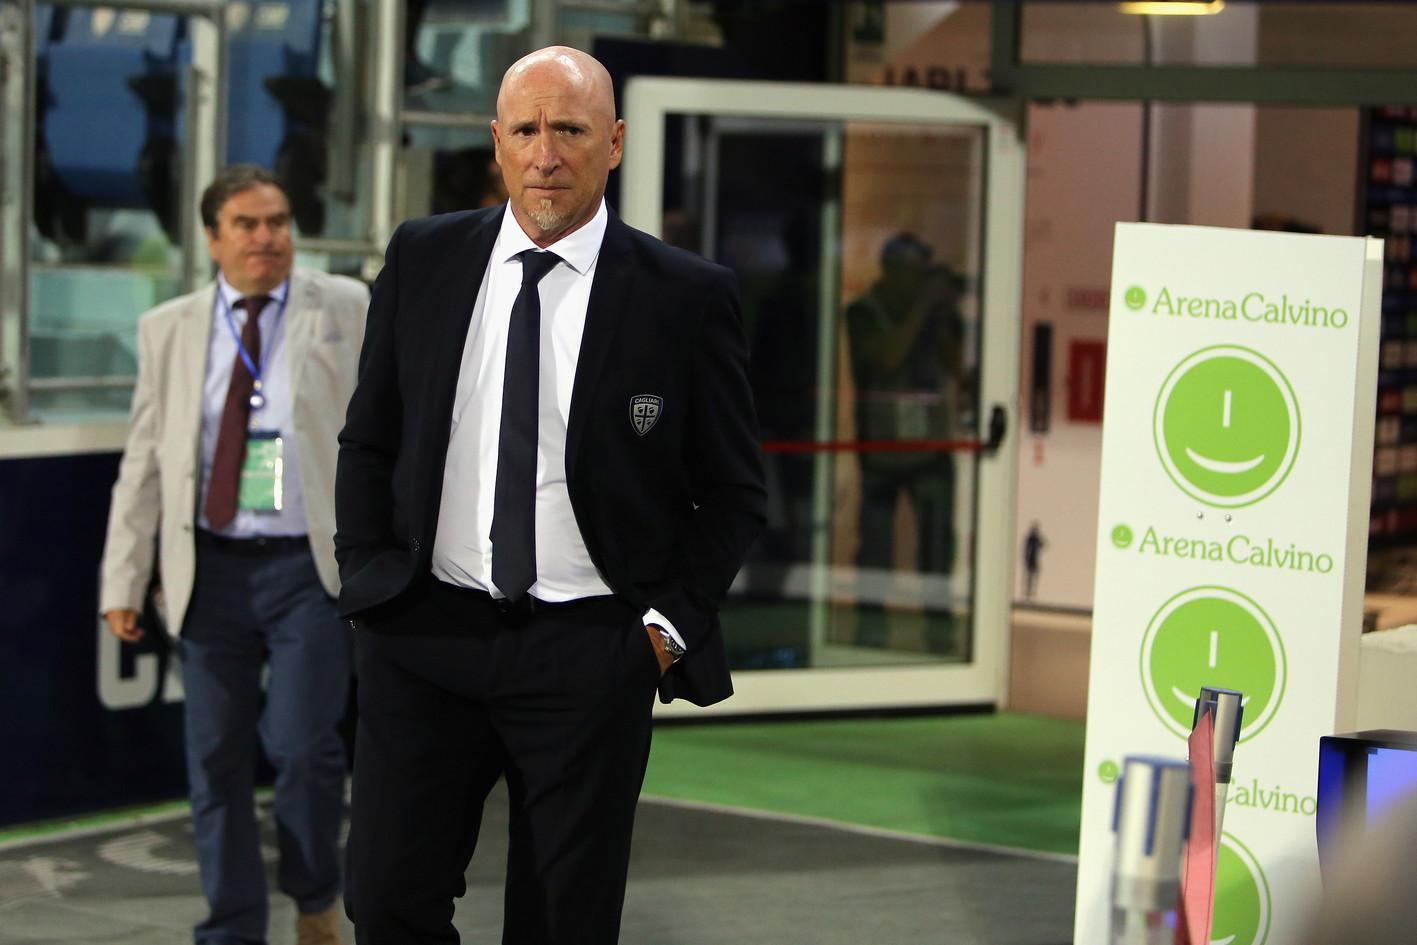 12) Cagliari - Rolando Maran: 1 milione (contratto fino al 2022)